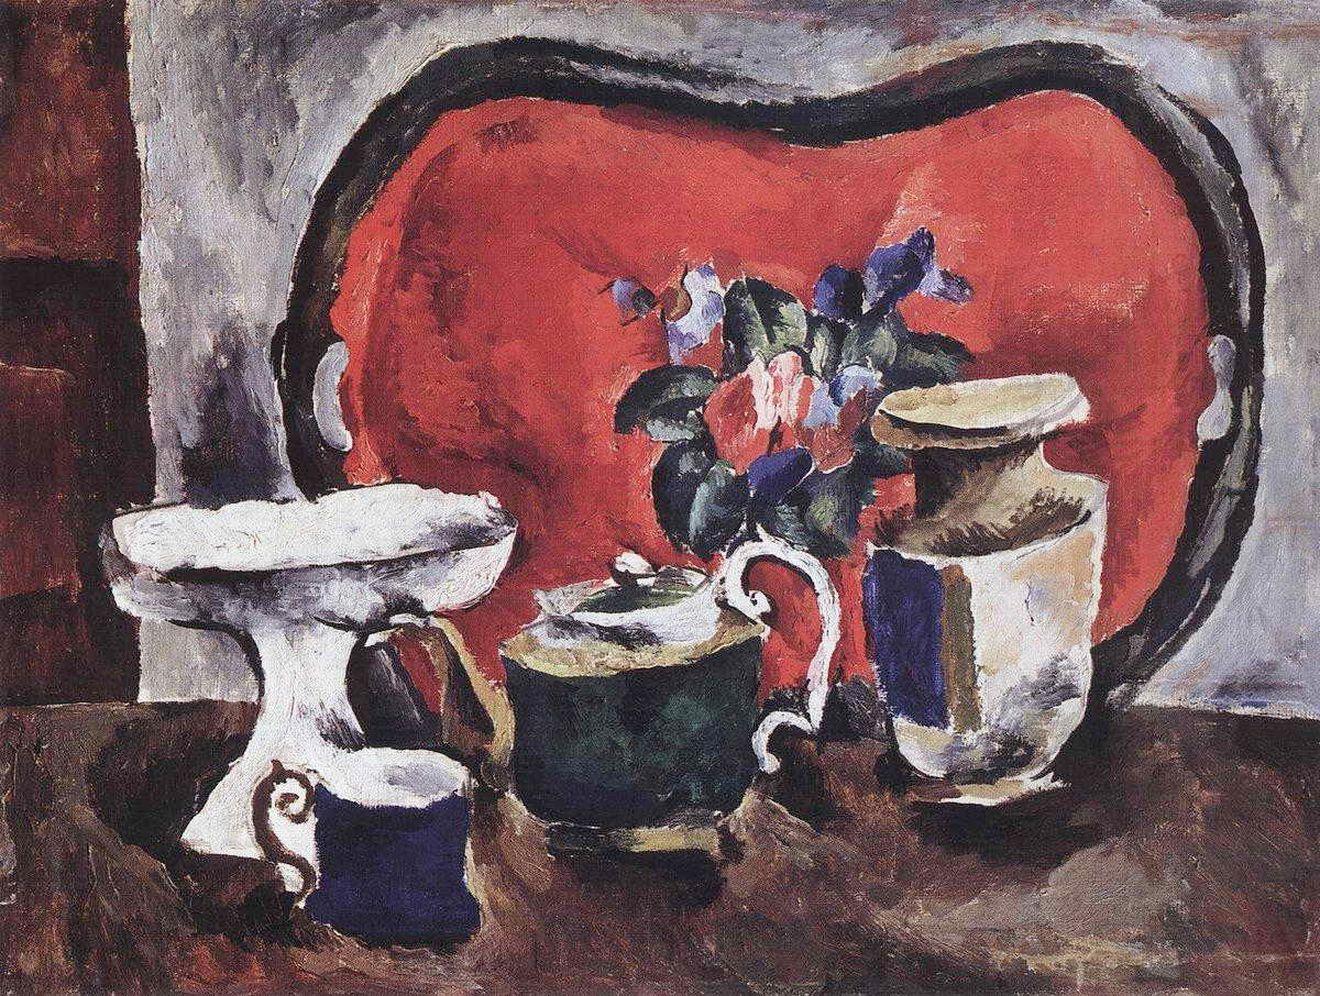 Петр Кончаловский. Натюрморт с красным подносом. 1910